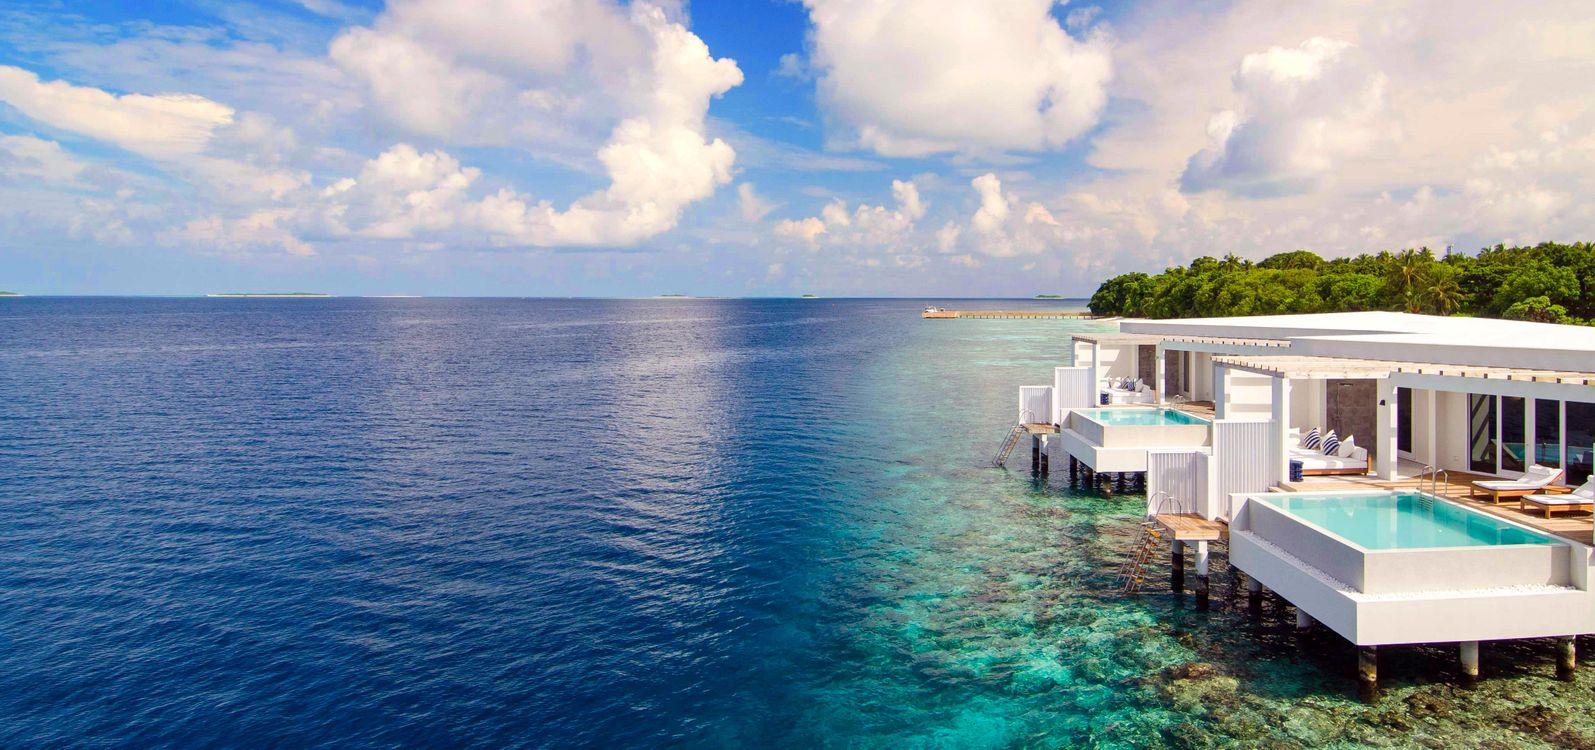 Фото бесплатно море, остров, тропики, курорт, пейзажи